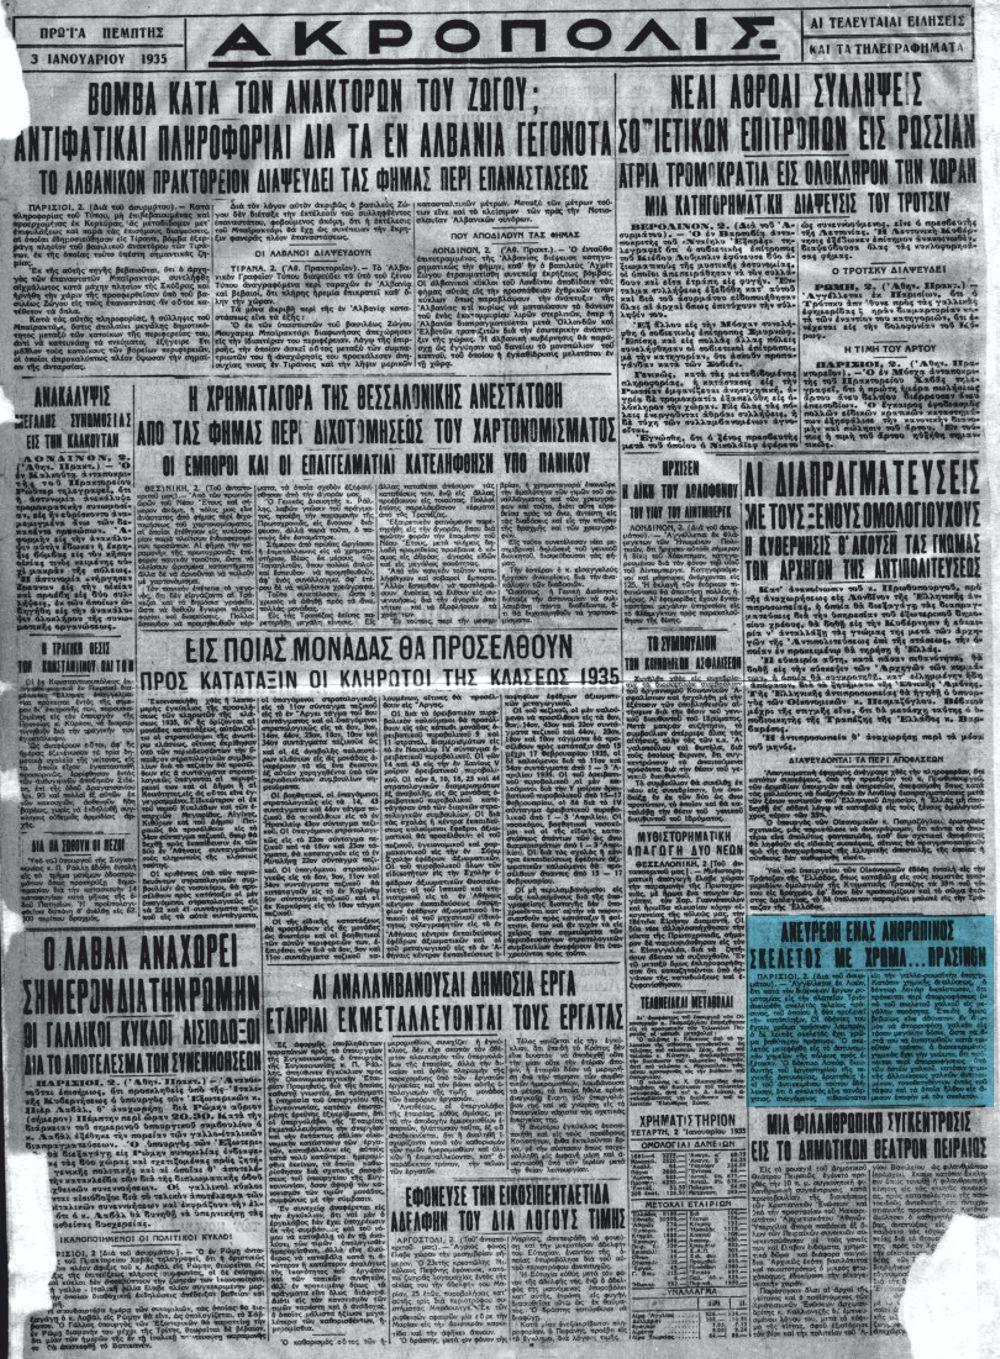 """Το άρθρο, όπως δημοσιεύθηκε στην εφημερίδα """"ΑΚΡΟΠΟΛΙΣ"""", στις 03/01/1935"""